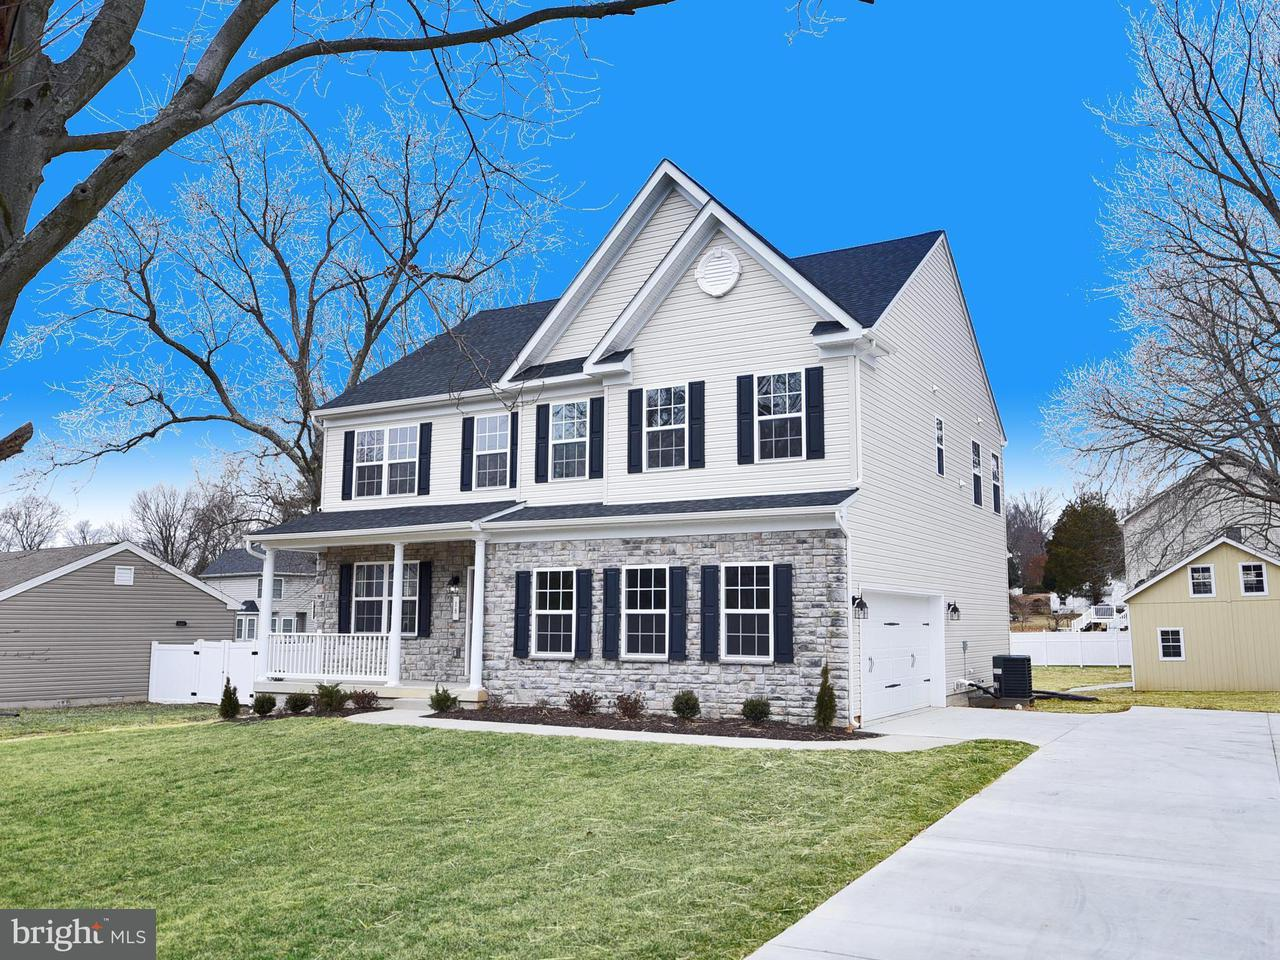 Частный односемейный дом для того Продажа на 18 Singer Road 18 Singer Road Abingdon, Мэриленд 21009 Соединенные Штаты